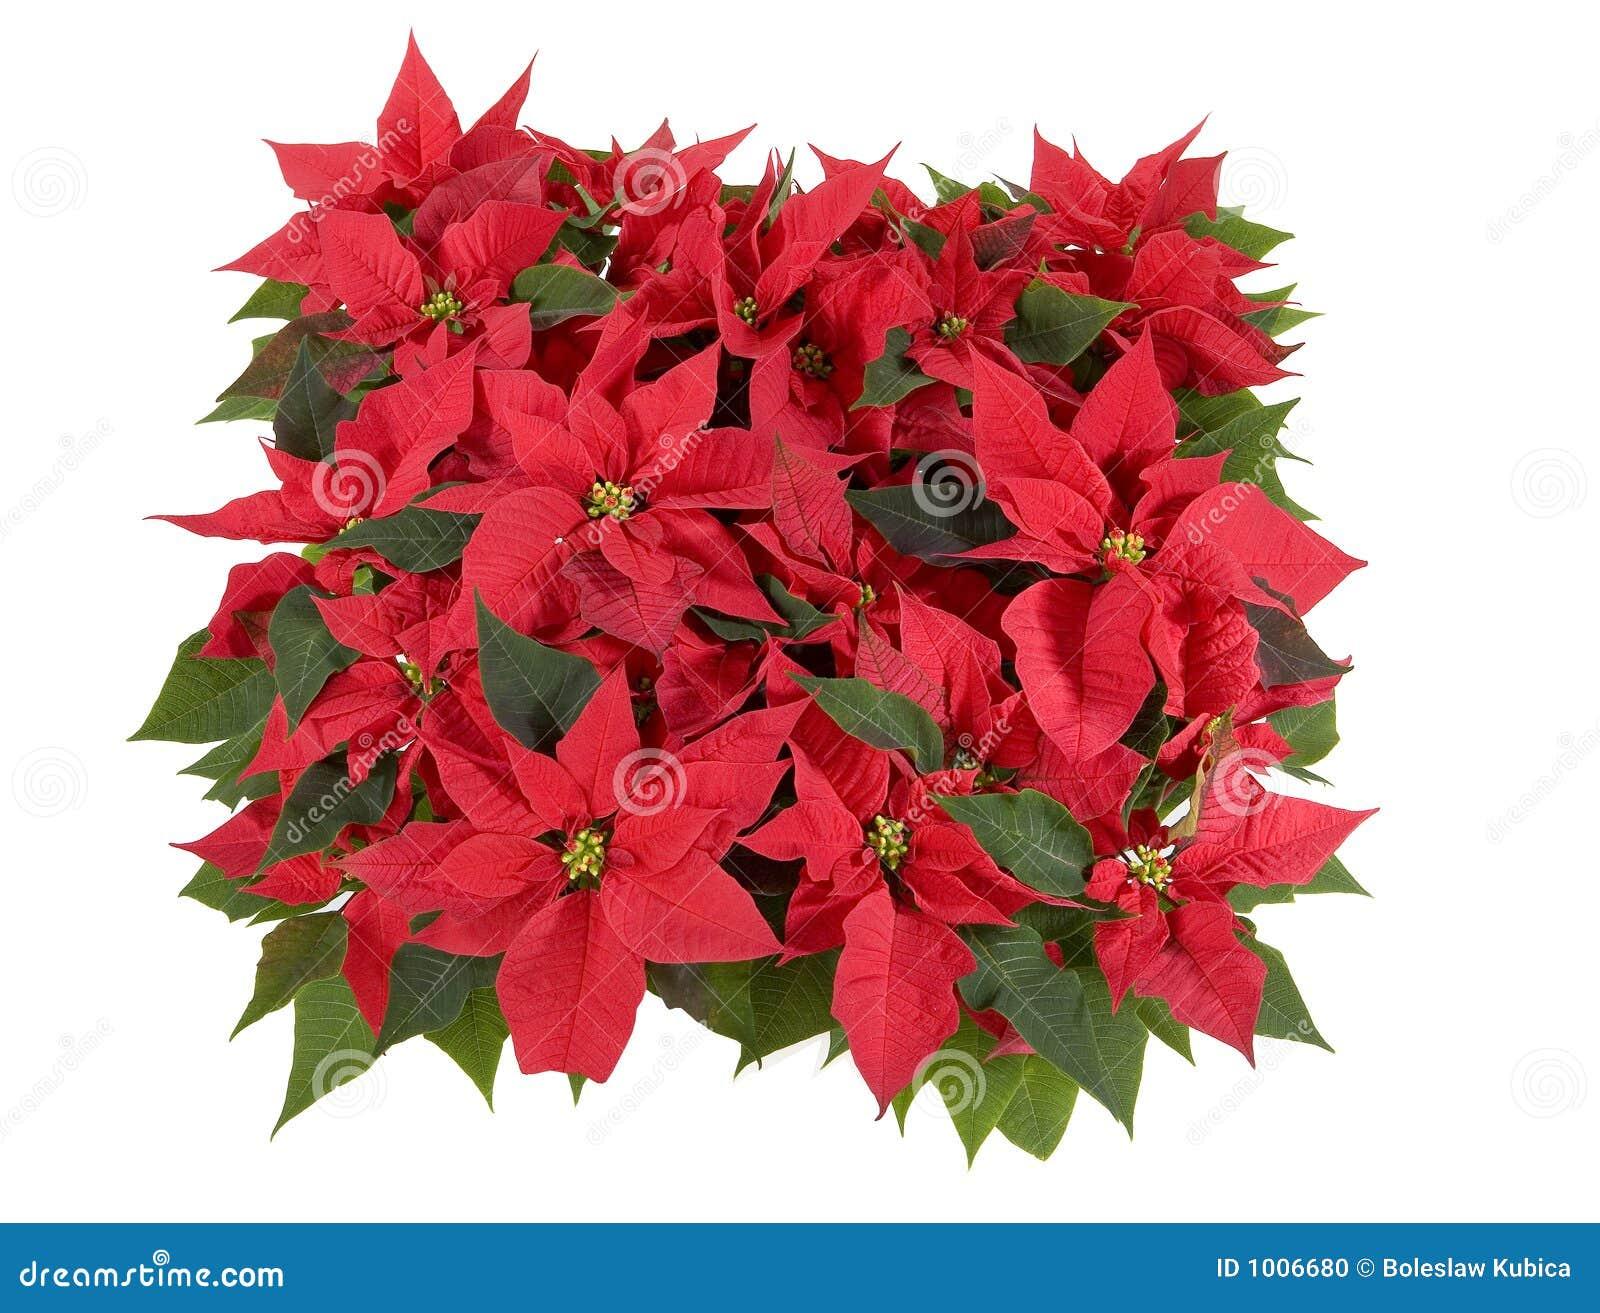 Décorations de Noël - poinsettia rouge